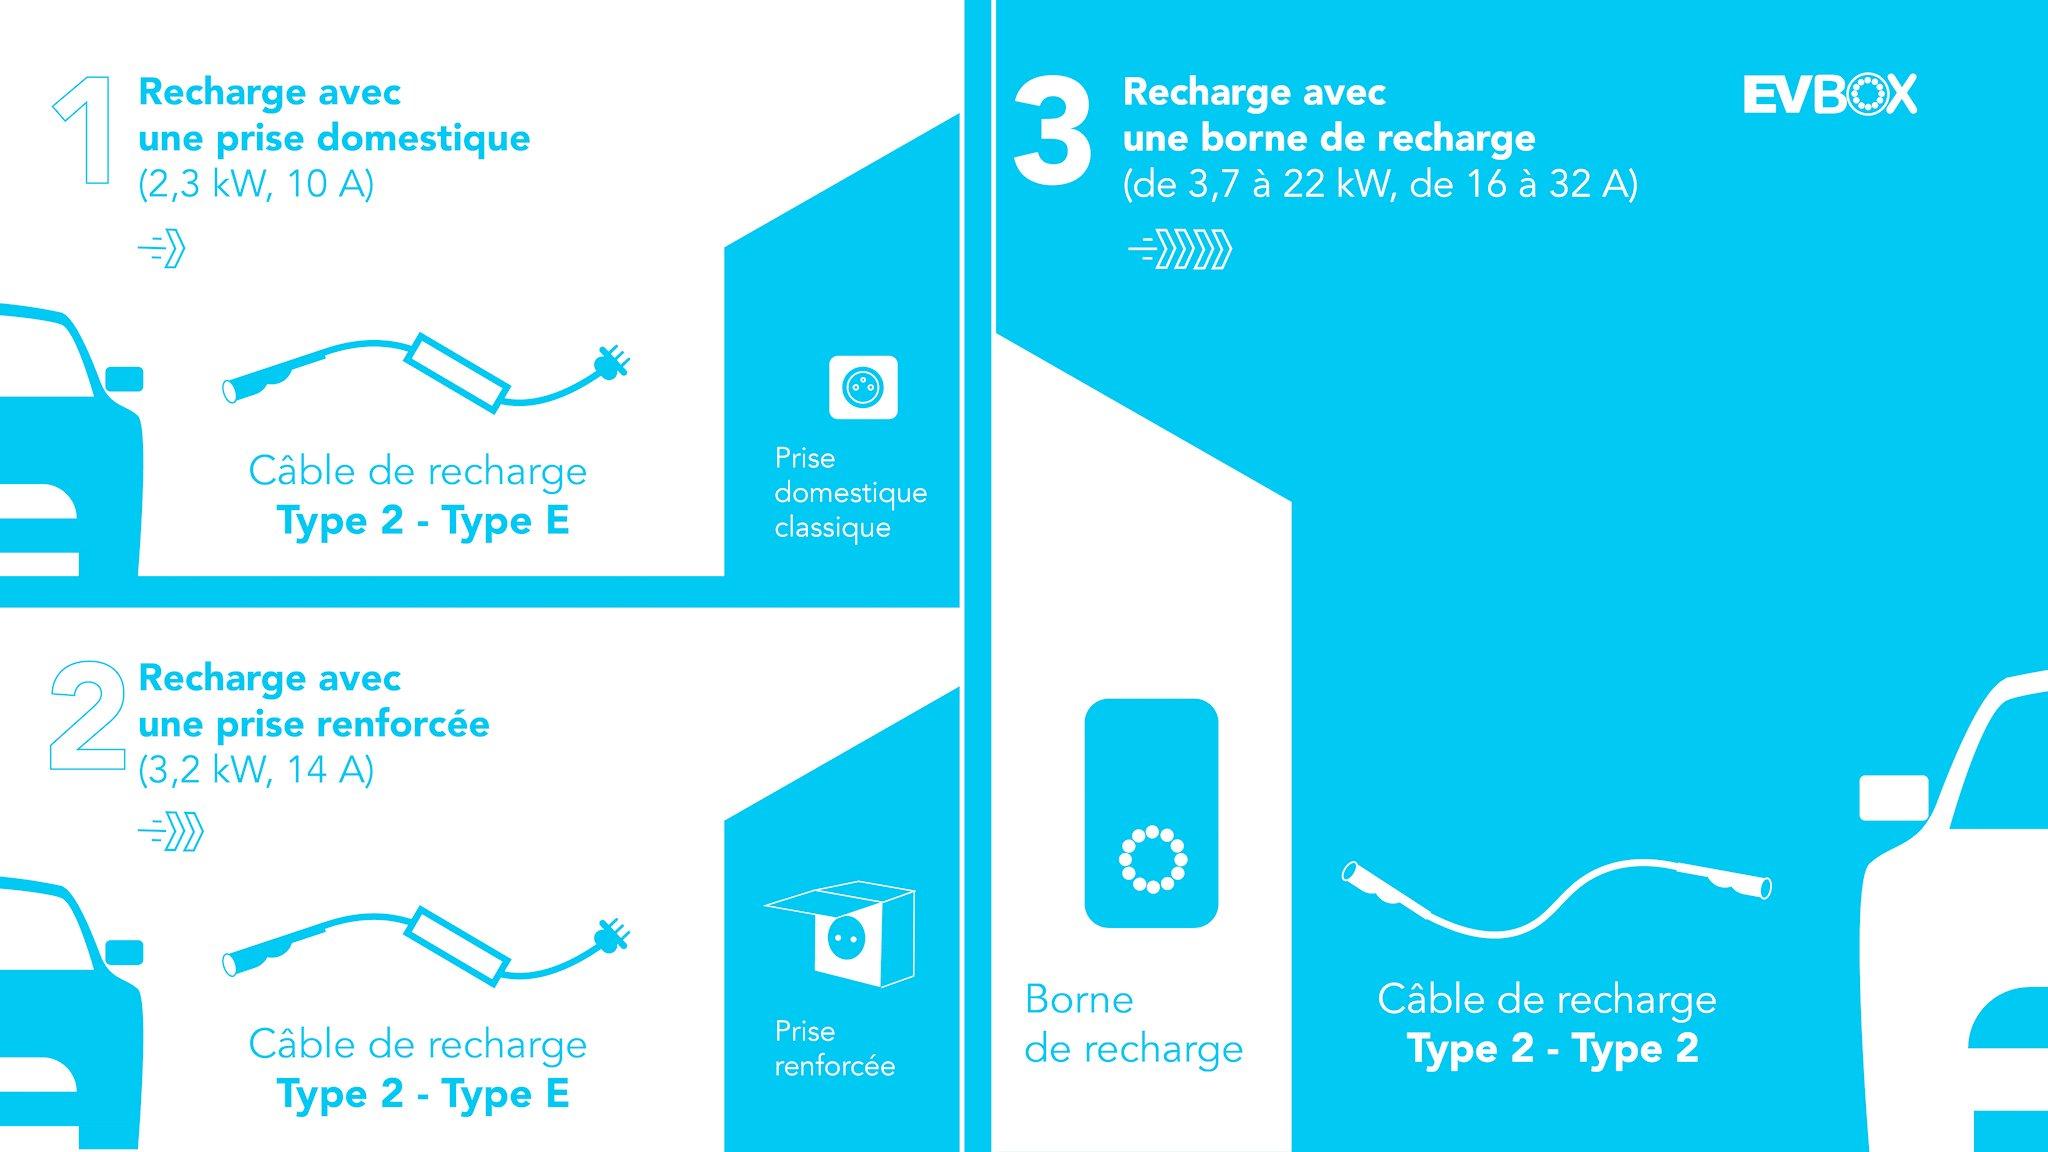 comparatif-recharge-voiture-electrique-a-domicile